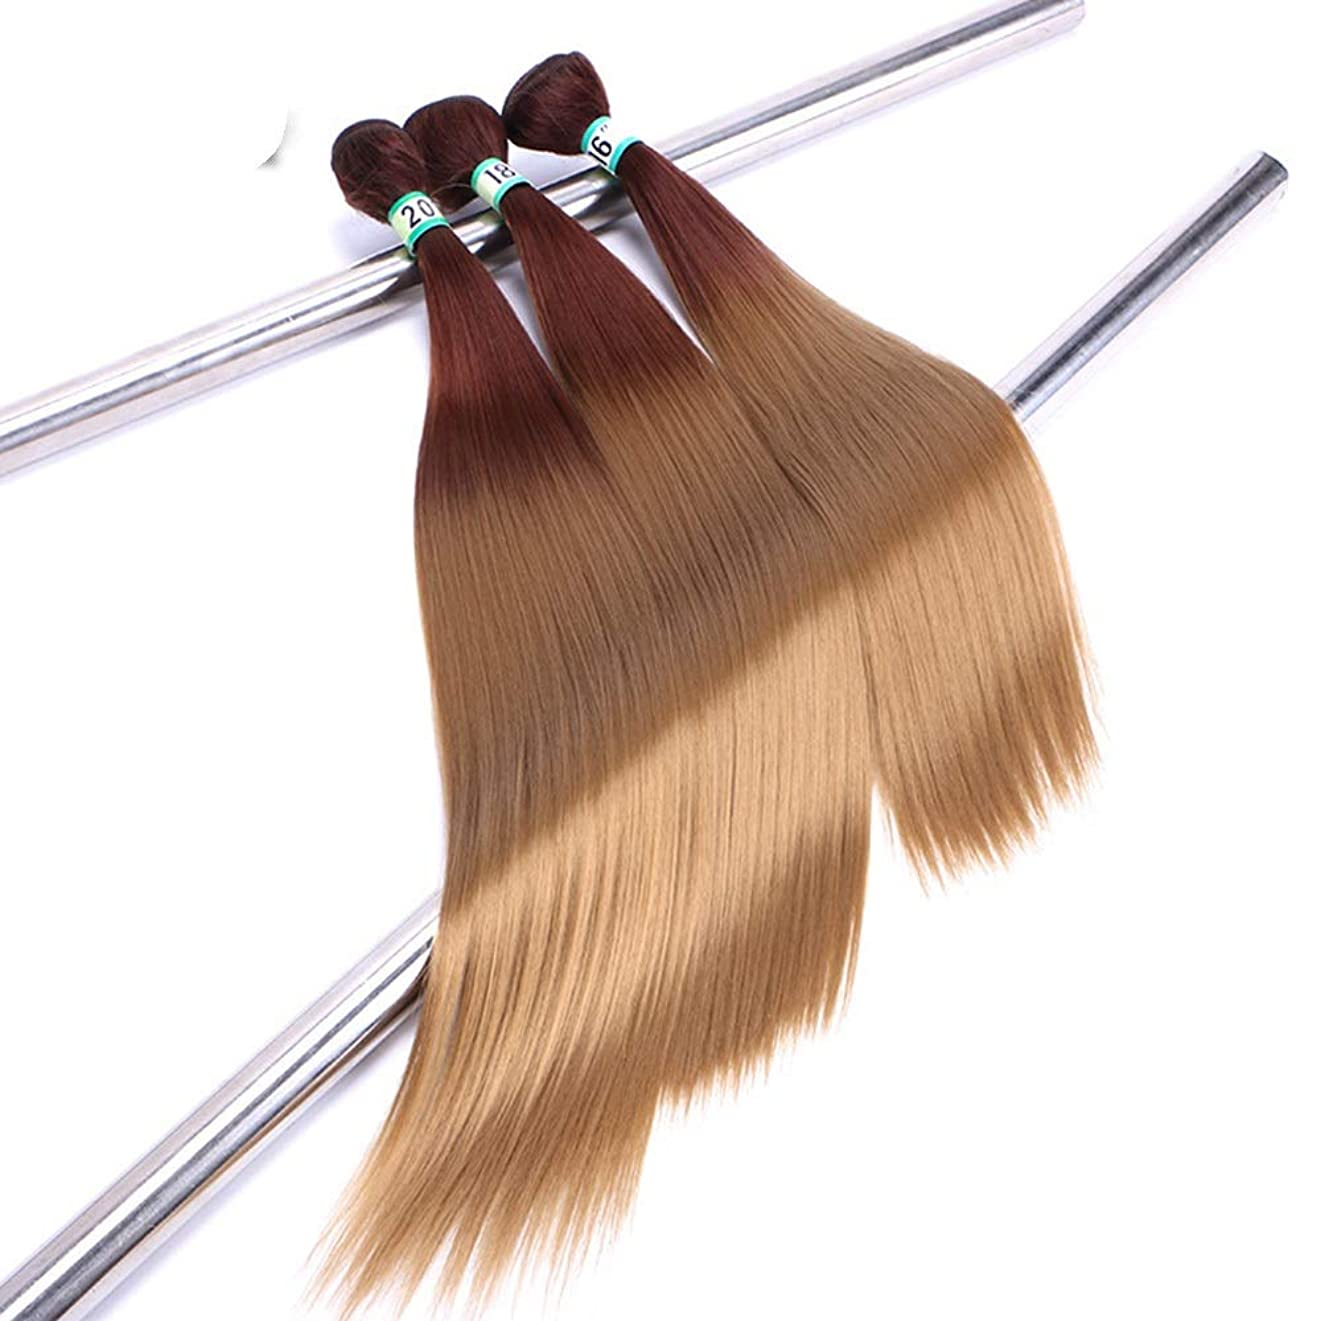 幹ゴルフ音声BOBIDYEE 黒のグラデーション茶色の髪織りバンドルヘアエクステンション横糸 - ストレートヘア(3バンドル、70g /バンドル)合成髪レースかつらロールプレイングウィッグロング&ショート女性自然 (色 : ブラウン, サイズ : 16